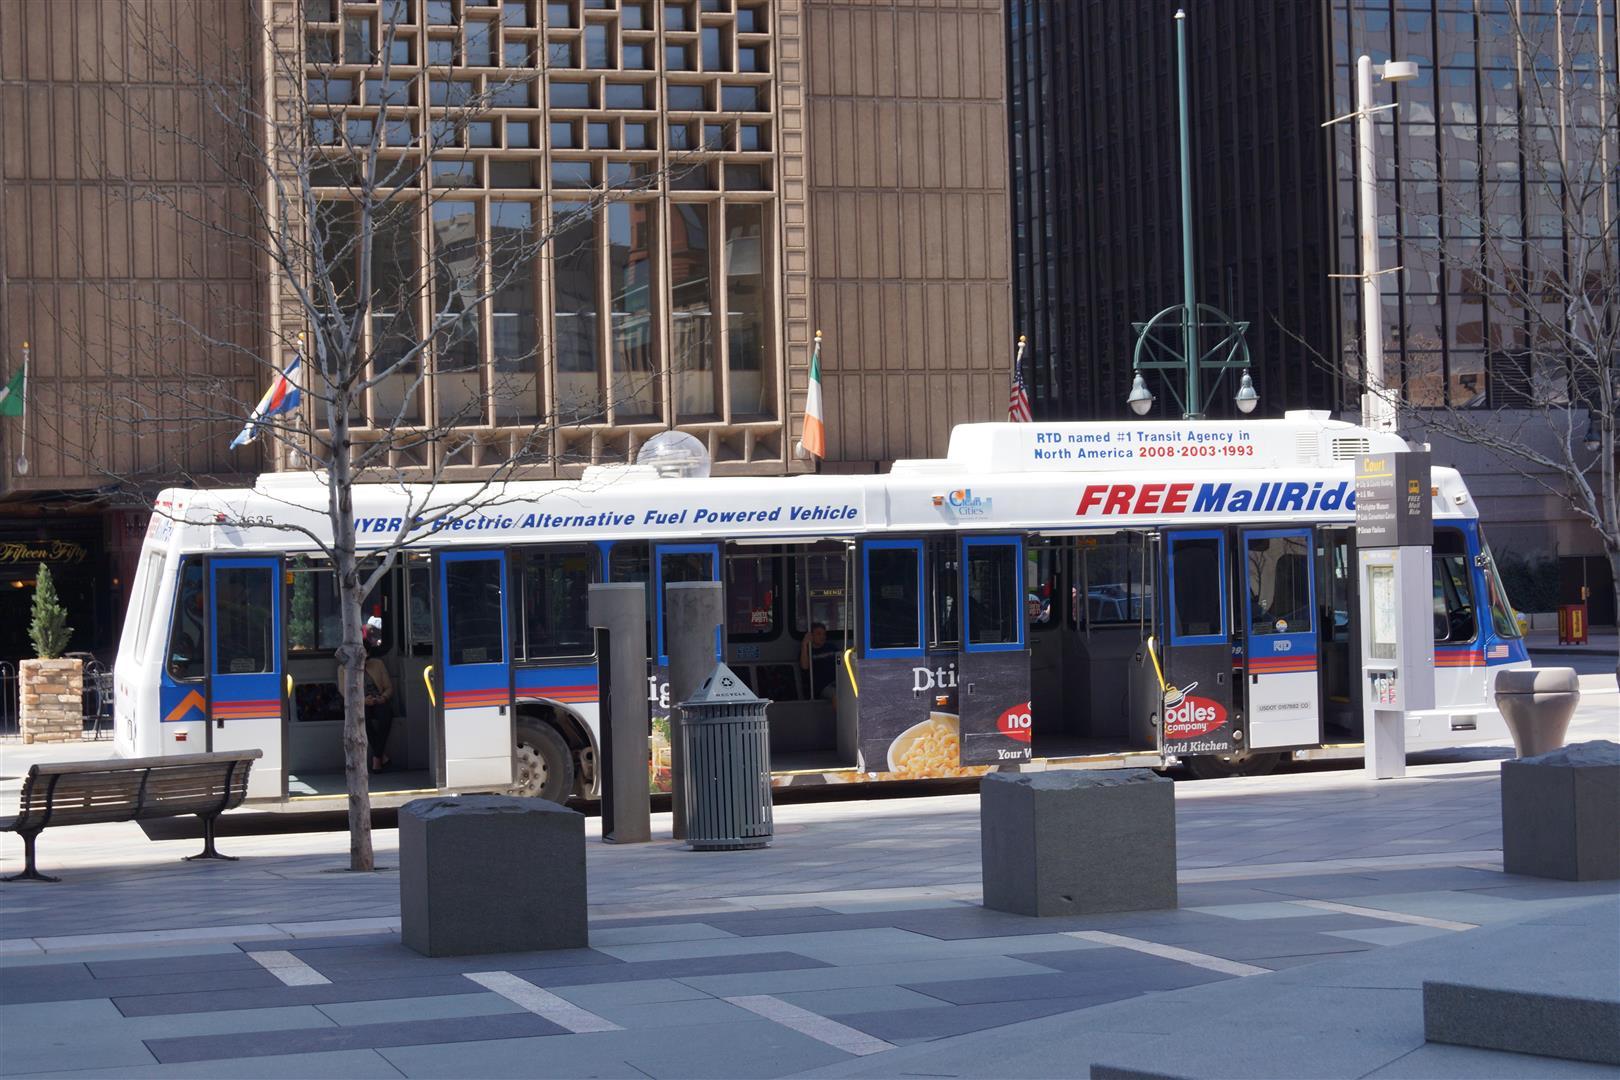 Und einen kostenlosen Shuttle-Bus!